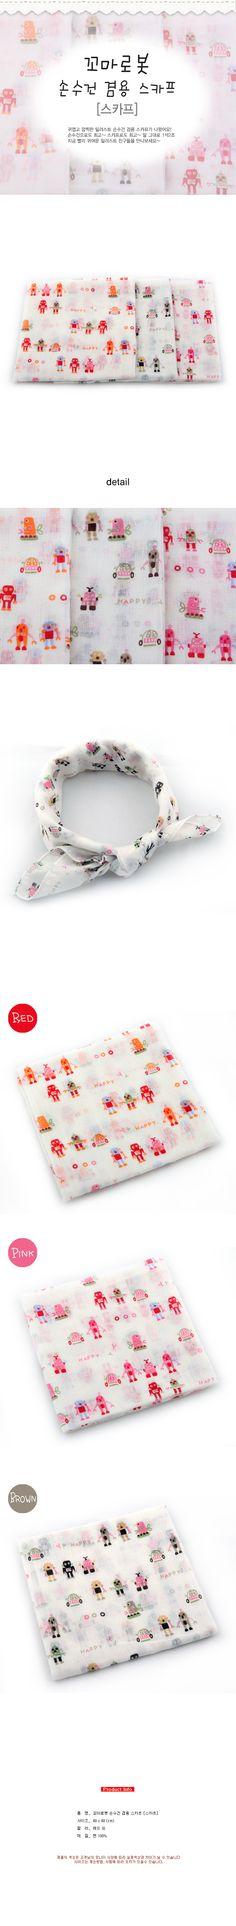 꼬마로봇 손수건 겸용 스카프 바보사랑 디자인소품 쇼핑몰